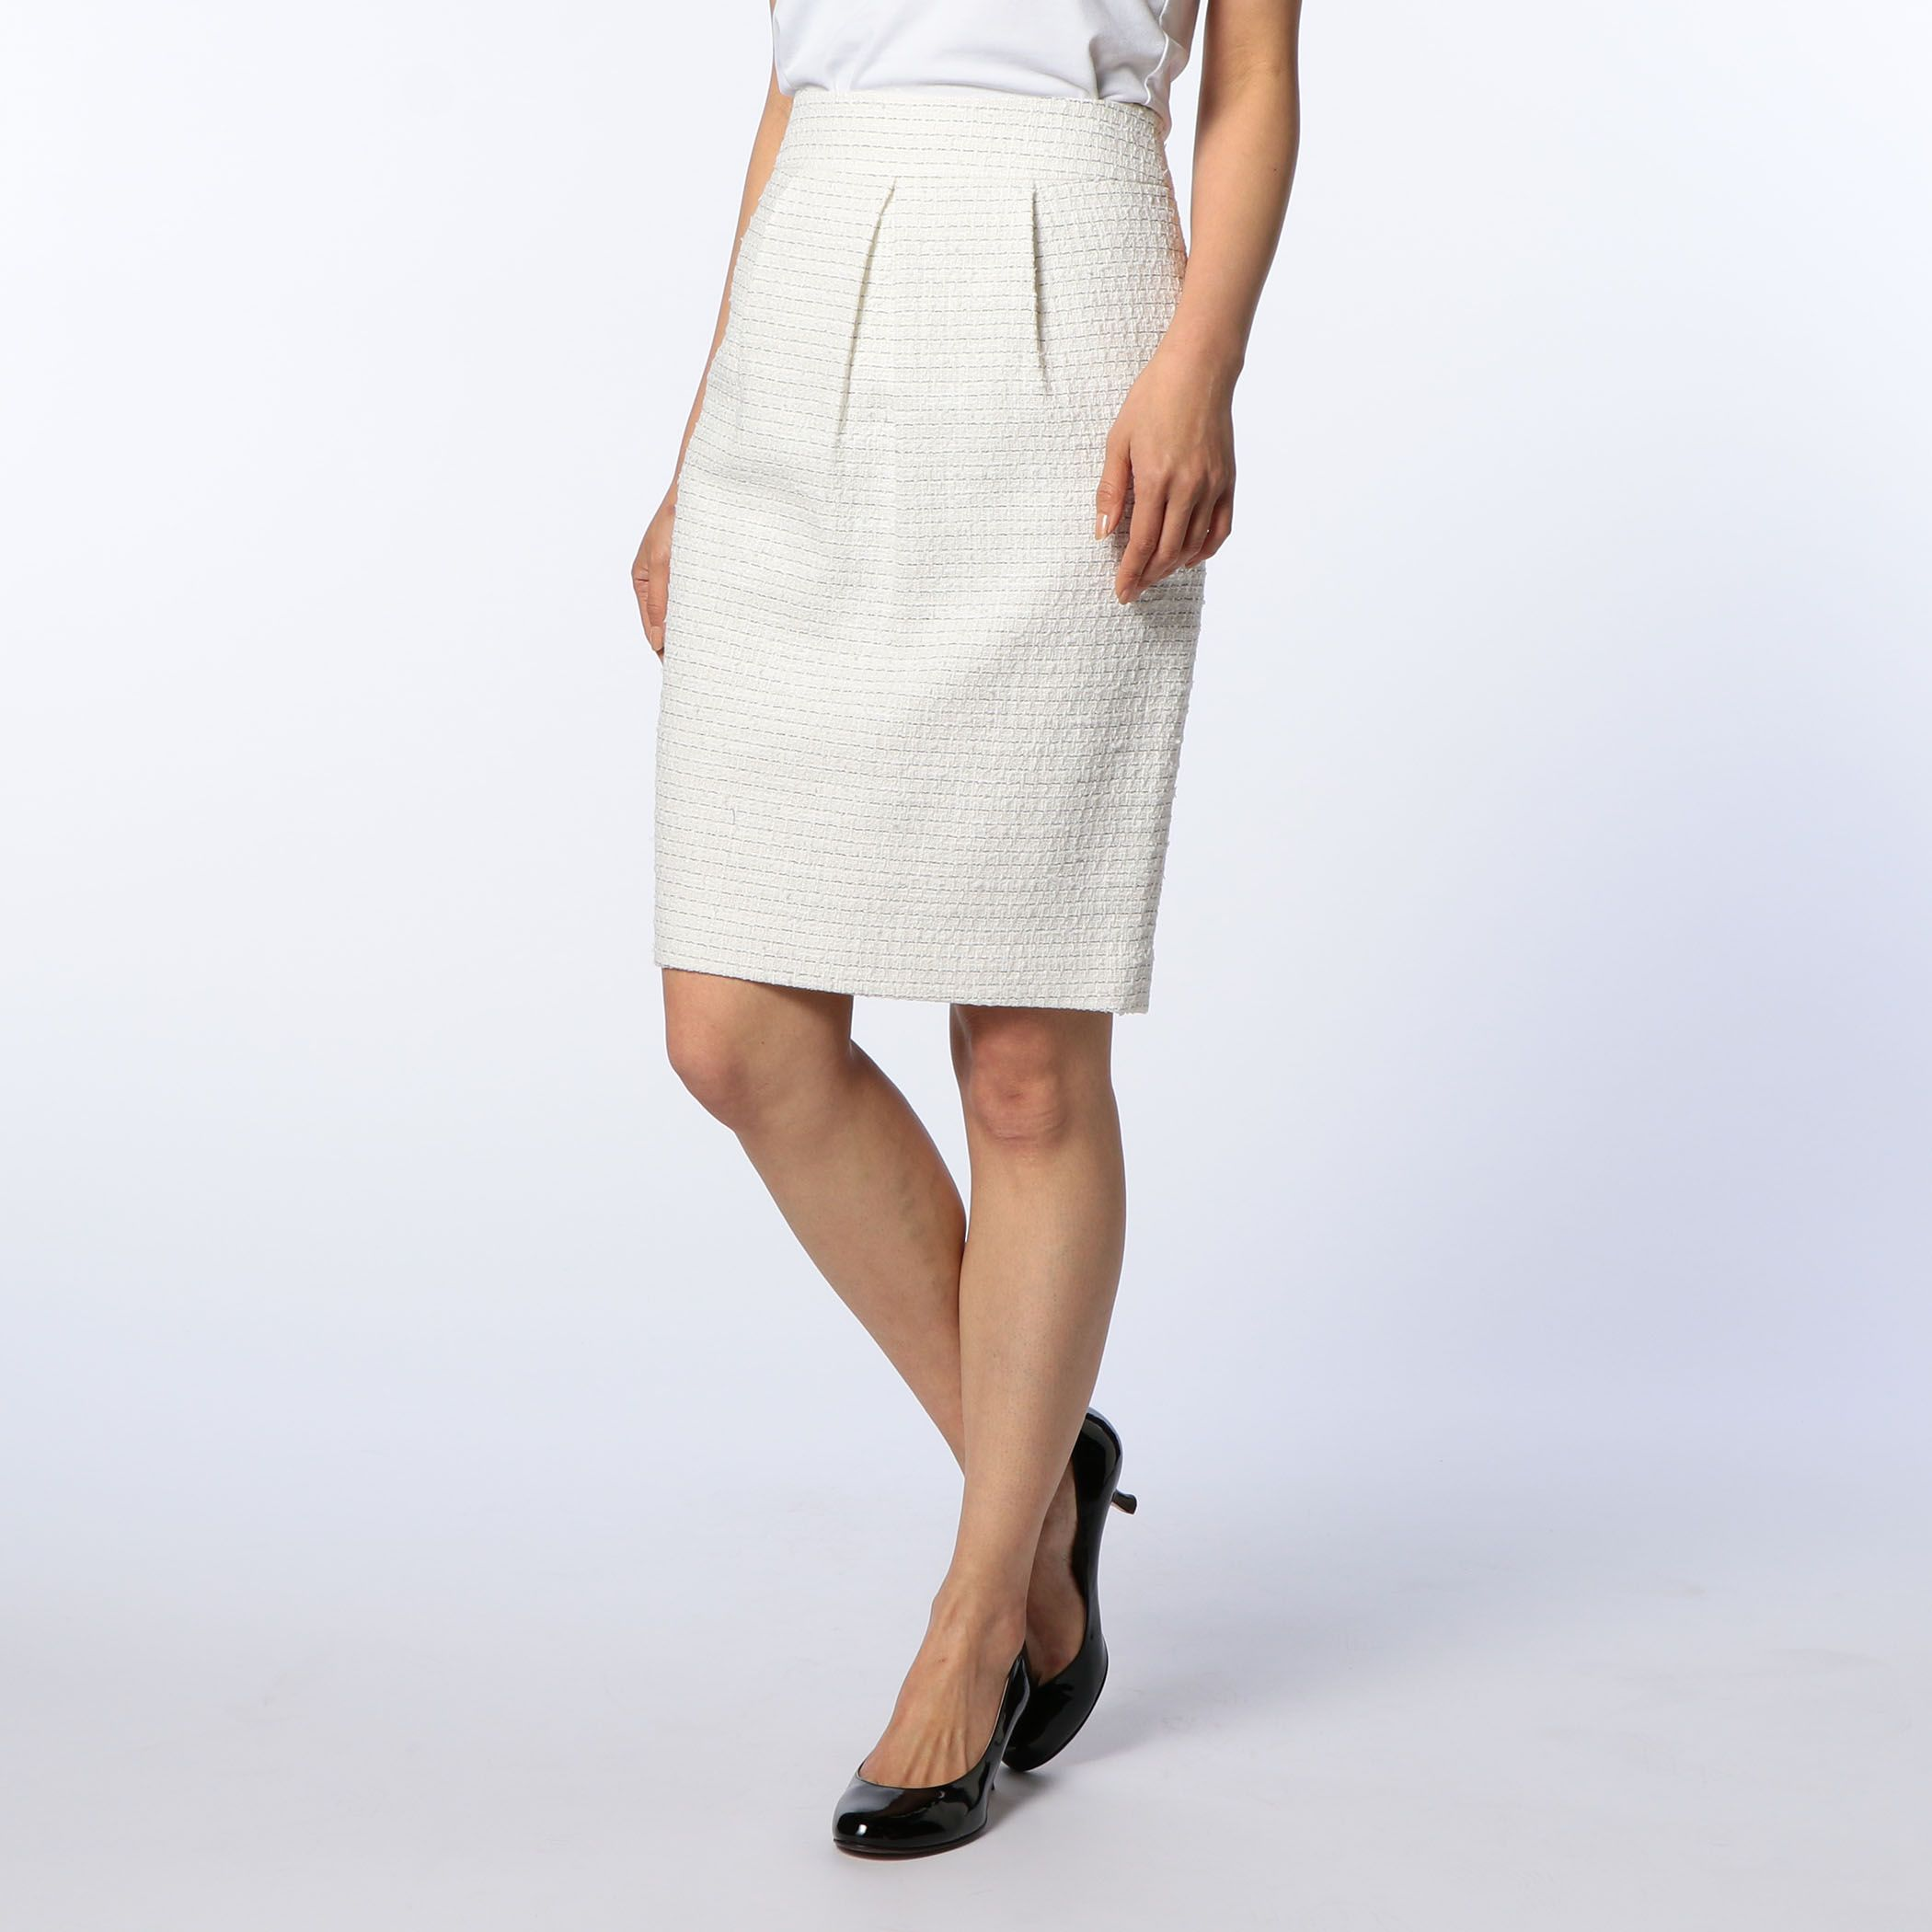 NOLLEY'Sノーリーズ/ツィードタイトスカート